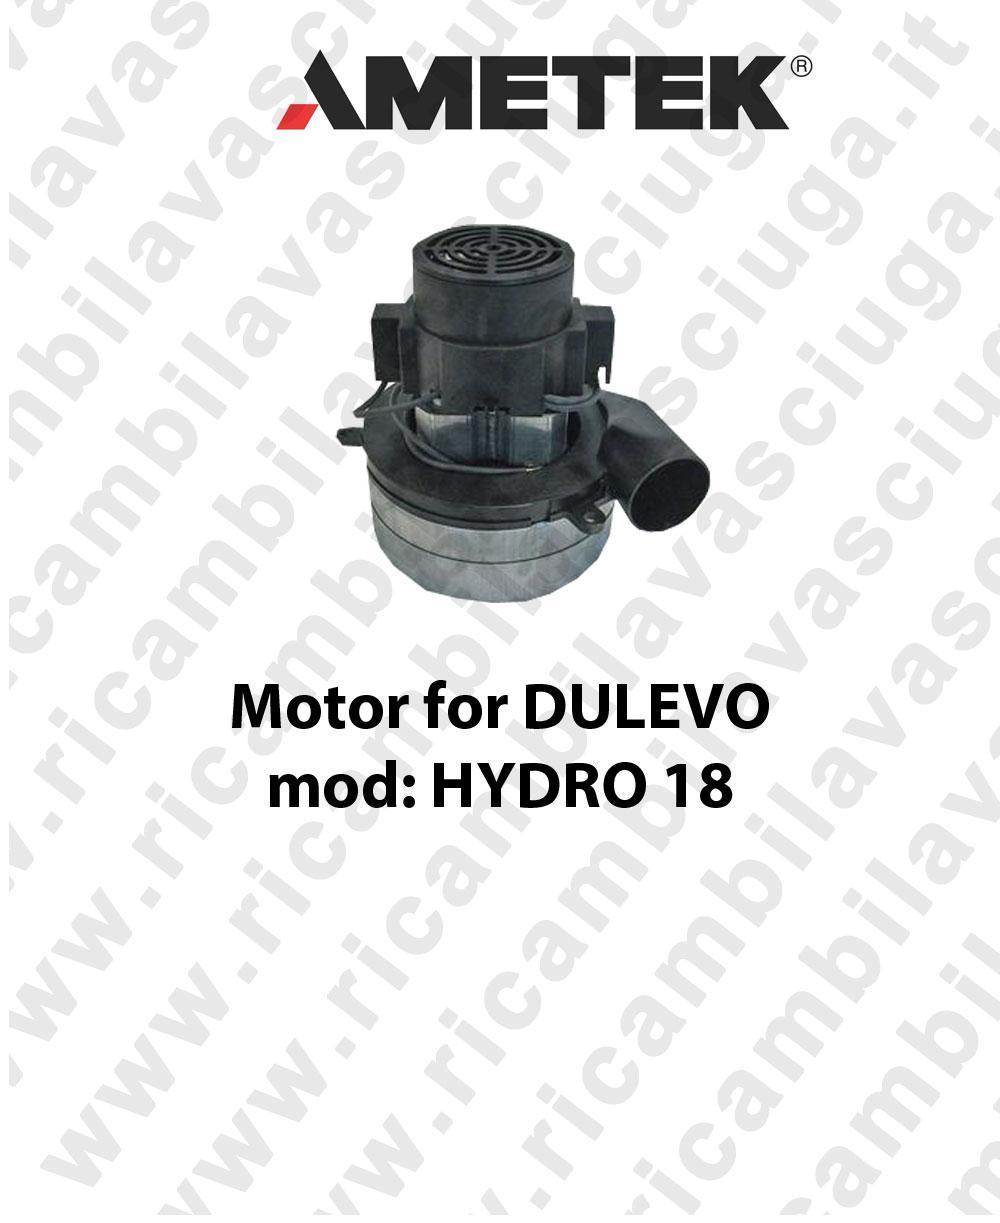 motor de aspiración para DULEVO mod. HYDRO 18